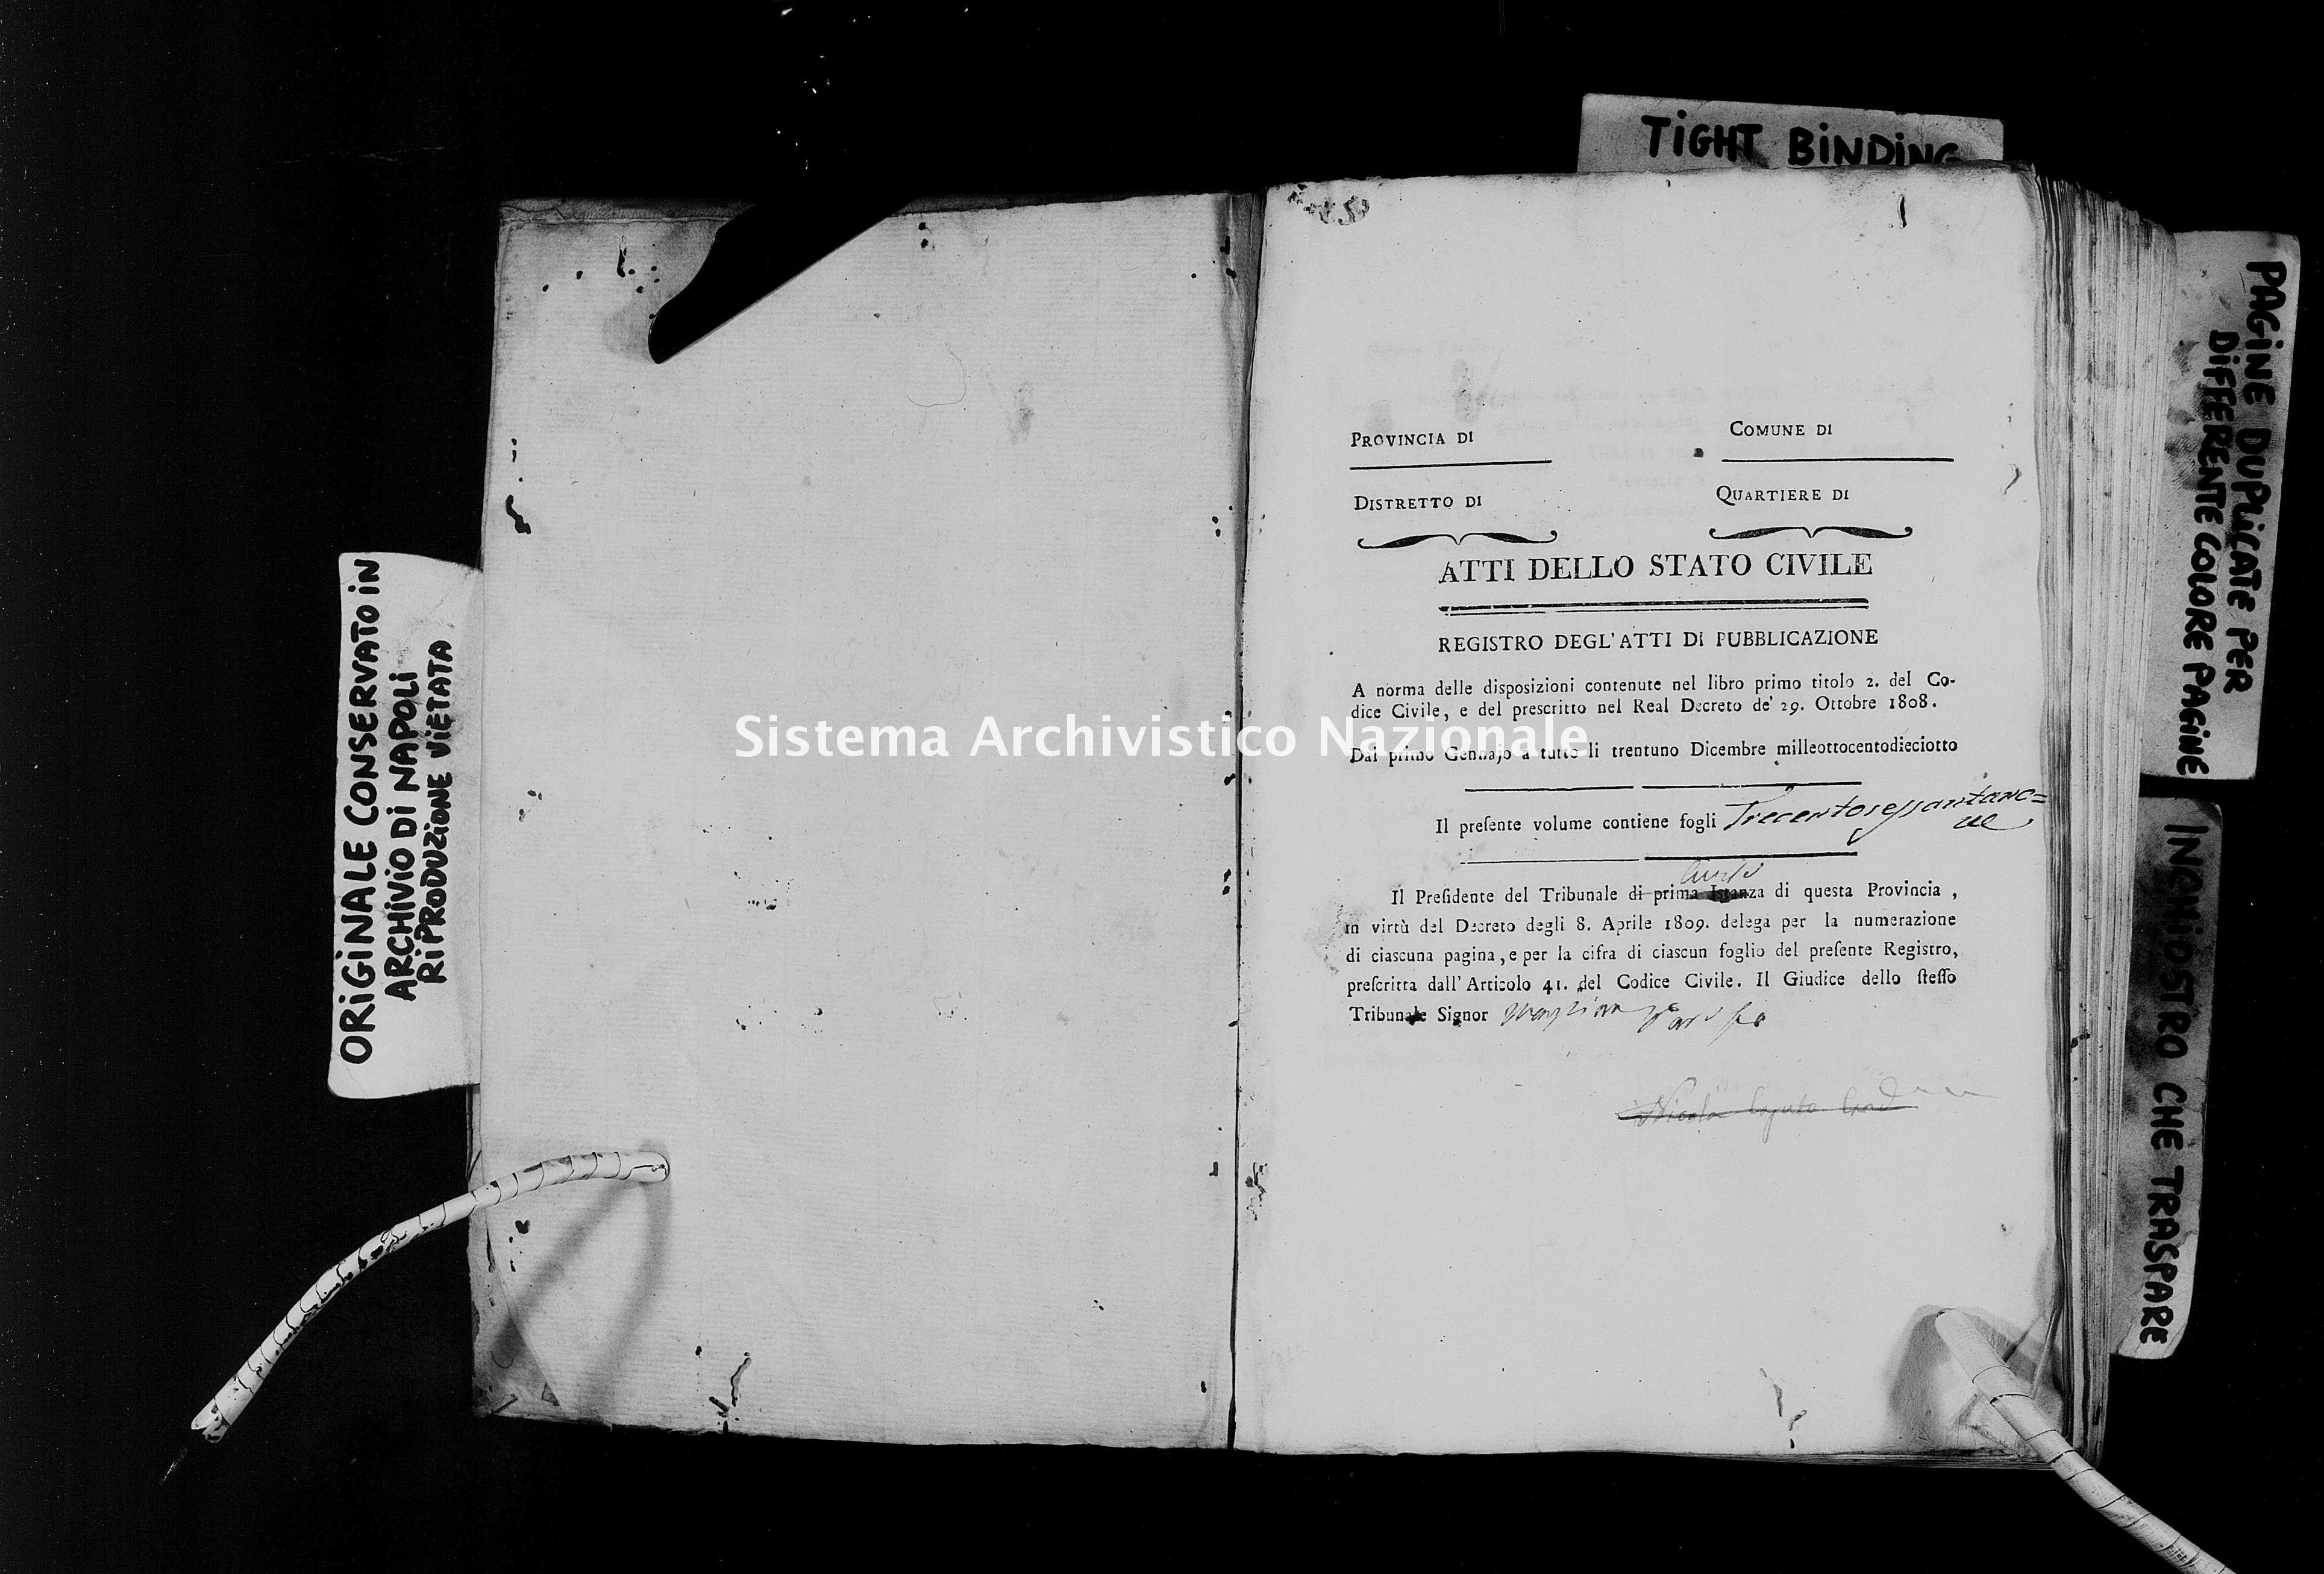 Archivio di stato di Napoli - Stato civile della restaurazione - Avvocata - Matrimoni, pubblicazioni - 1818 -